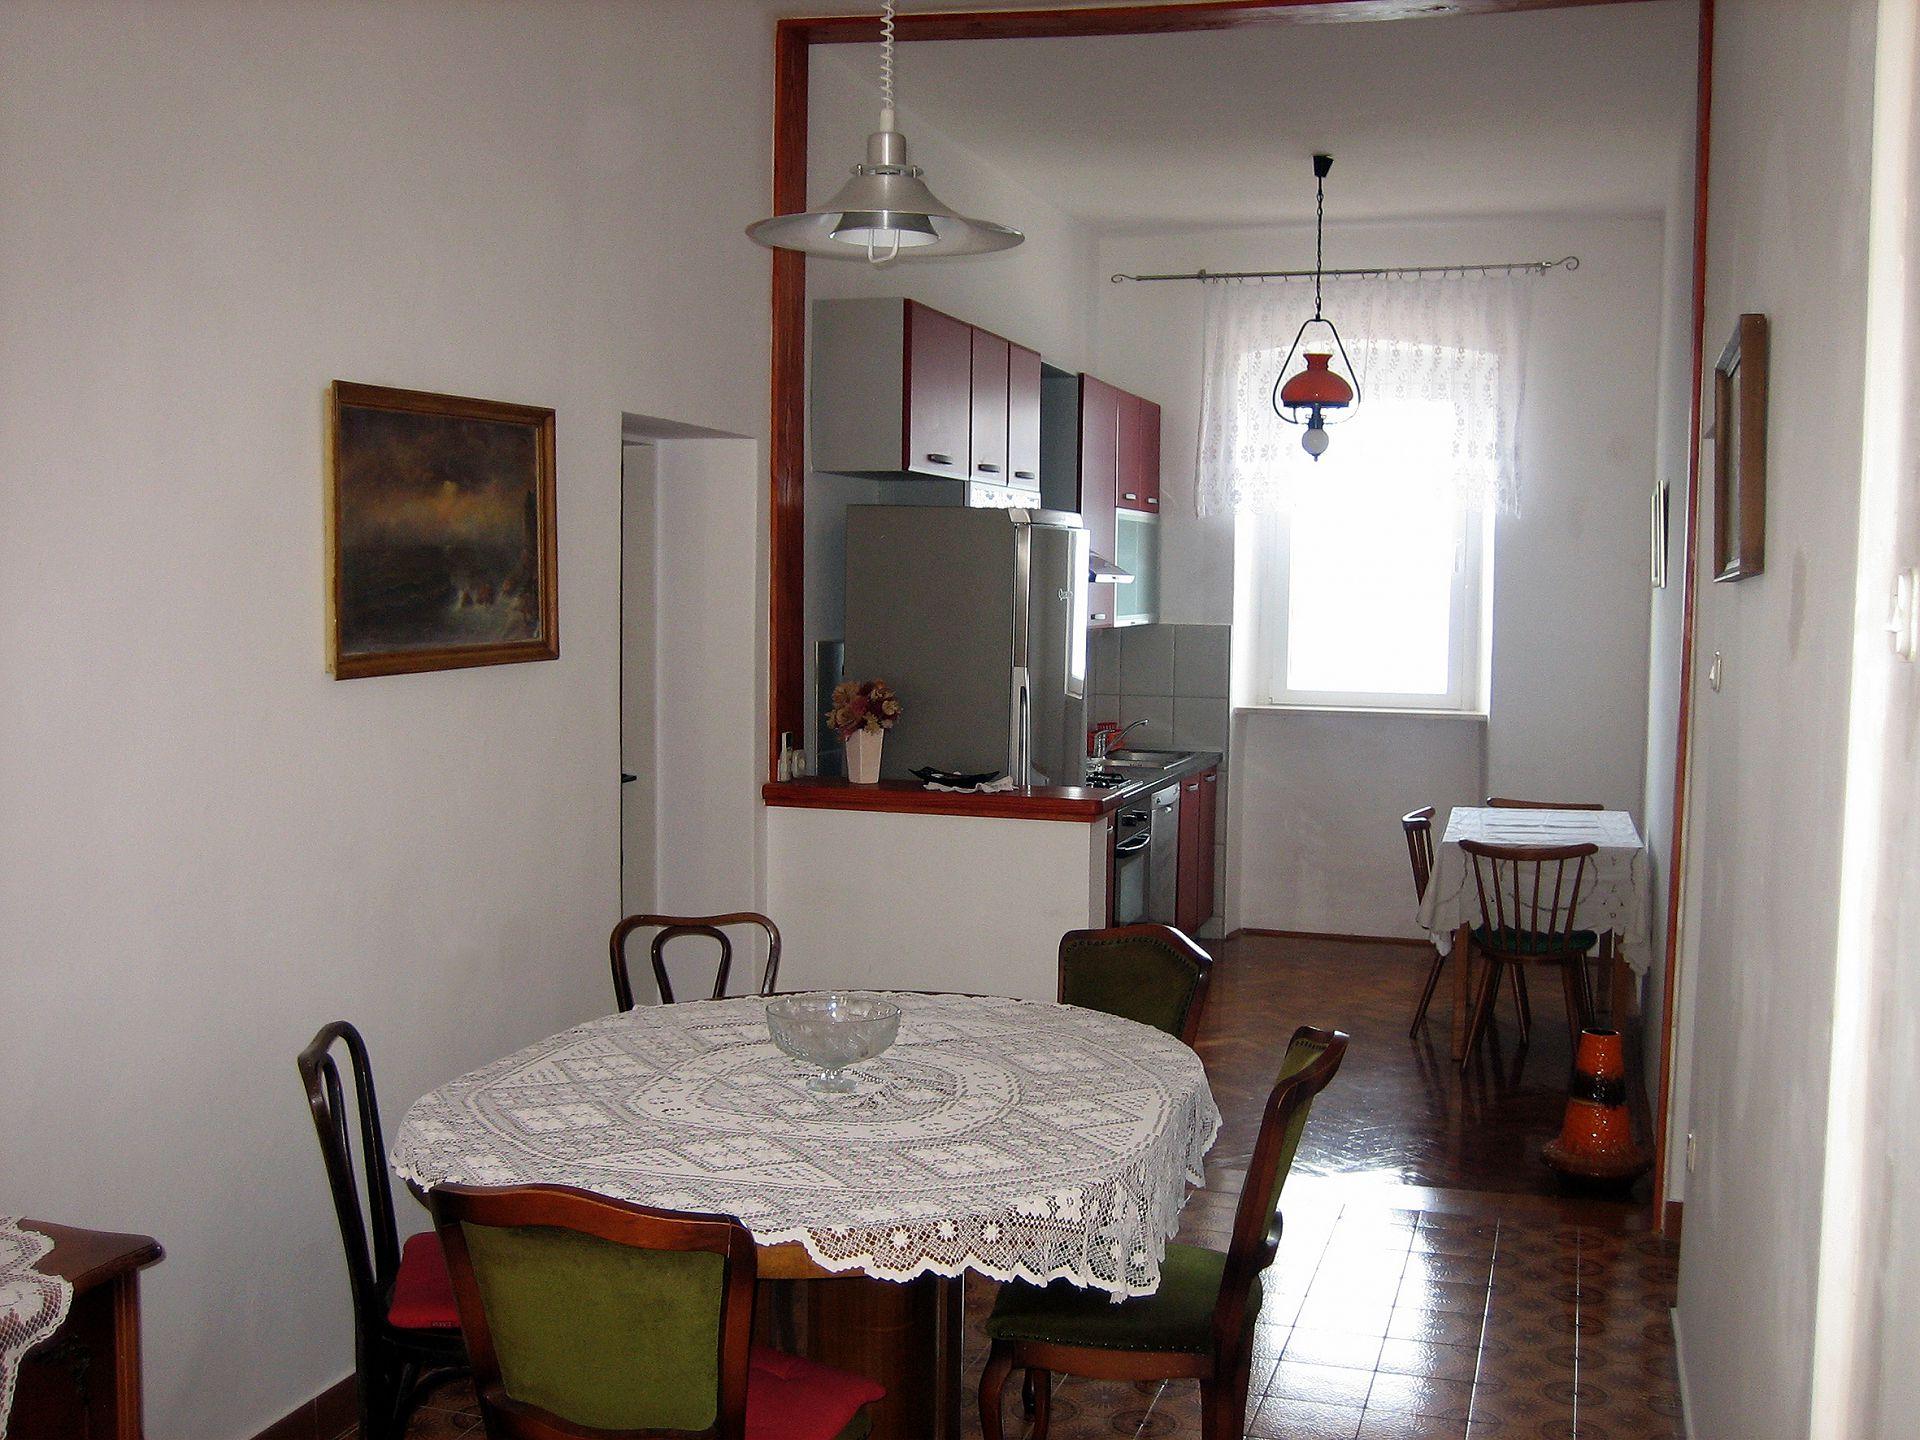 35278  - Sutivan - Appartements Croatie - A1(4+2): cuisine salle à manger